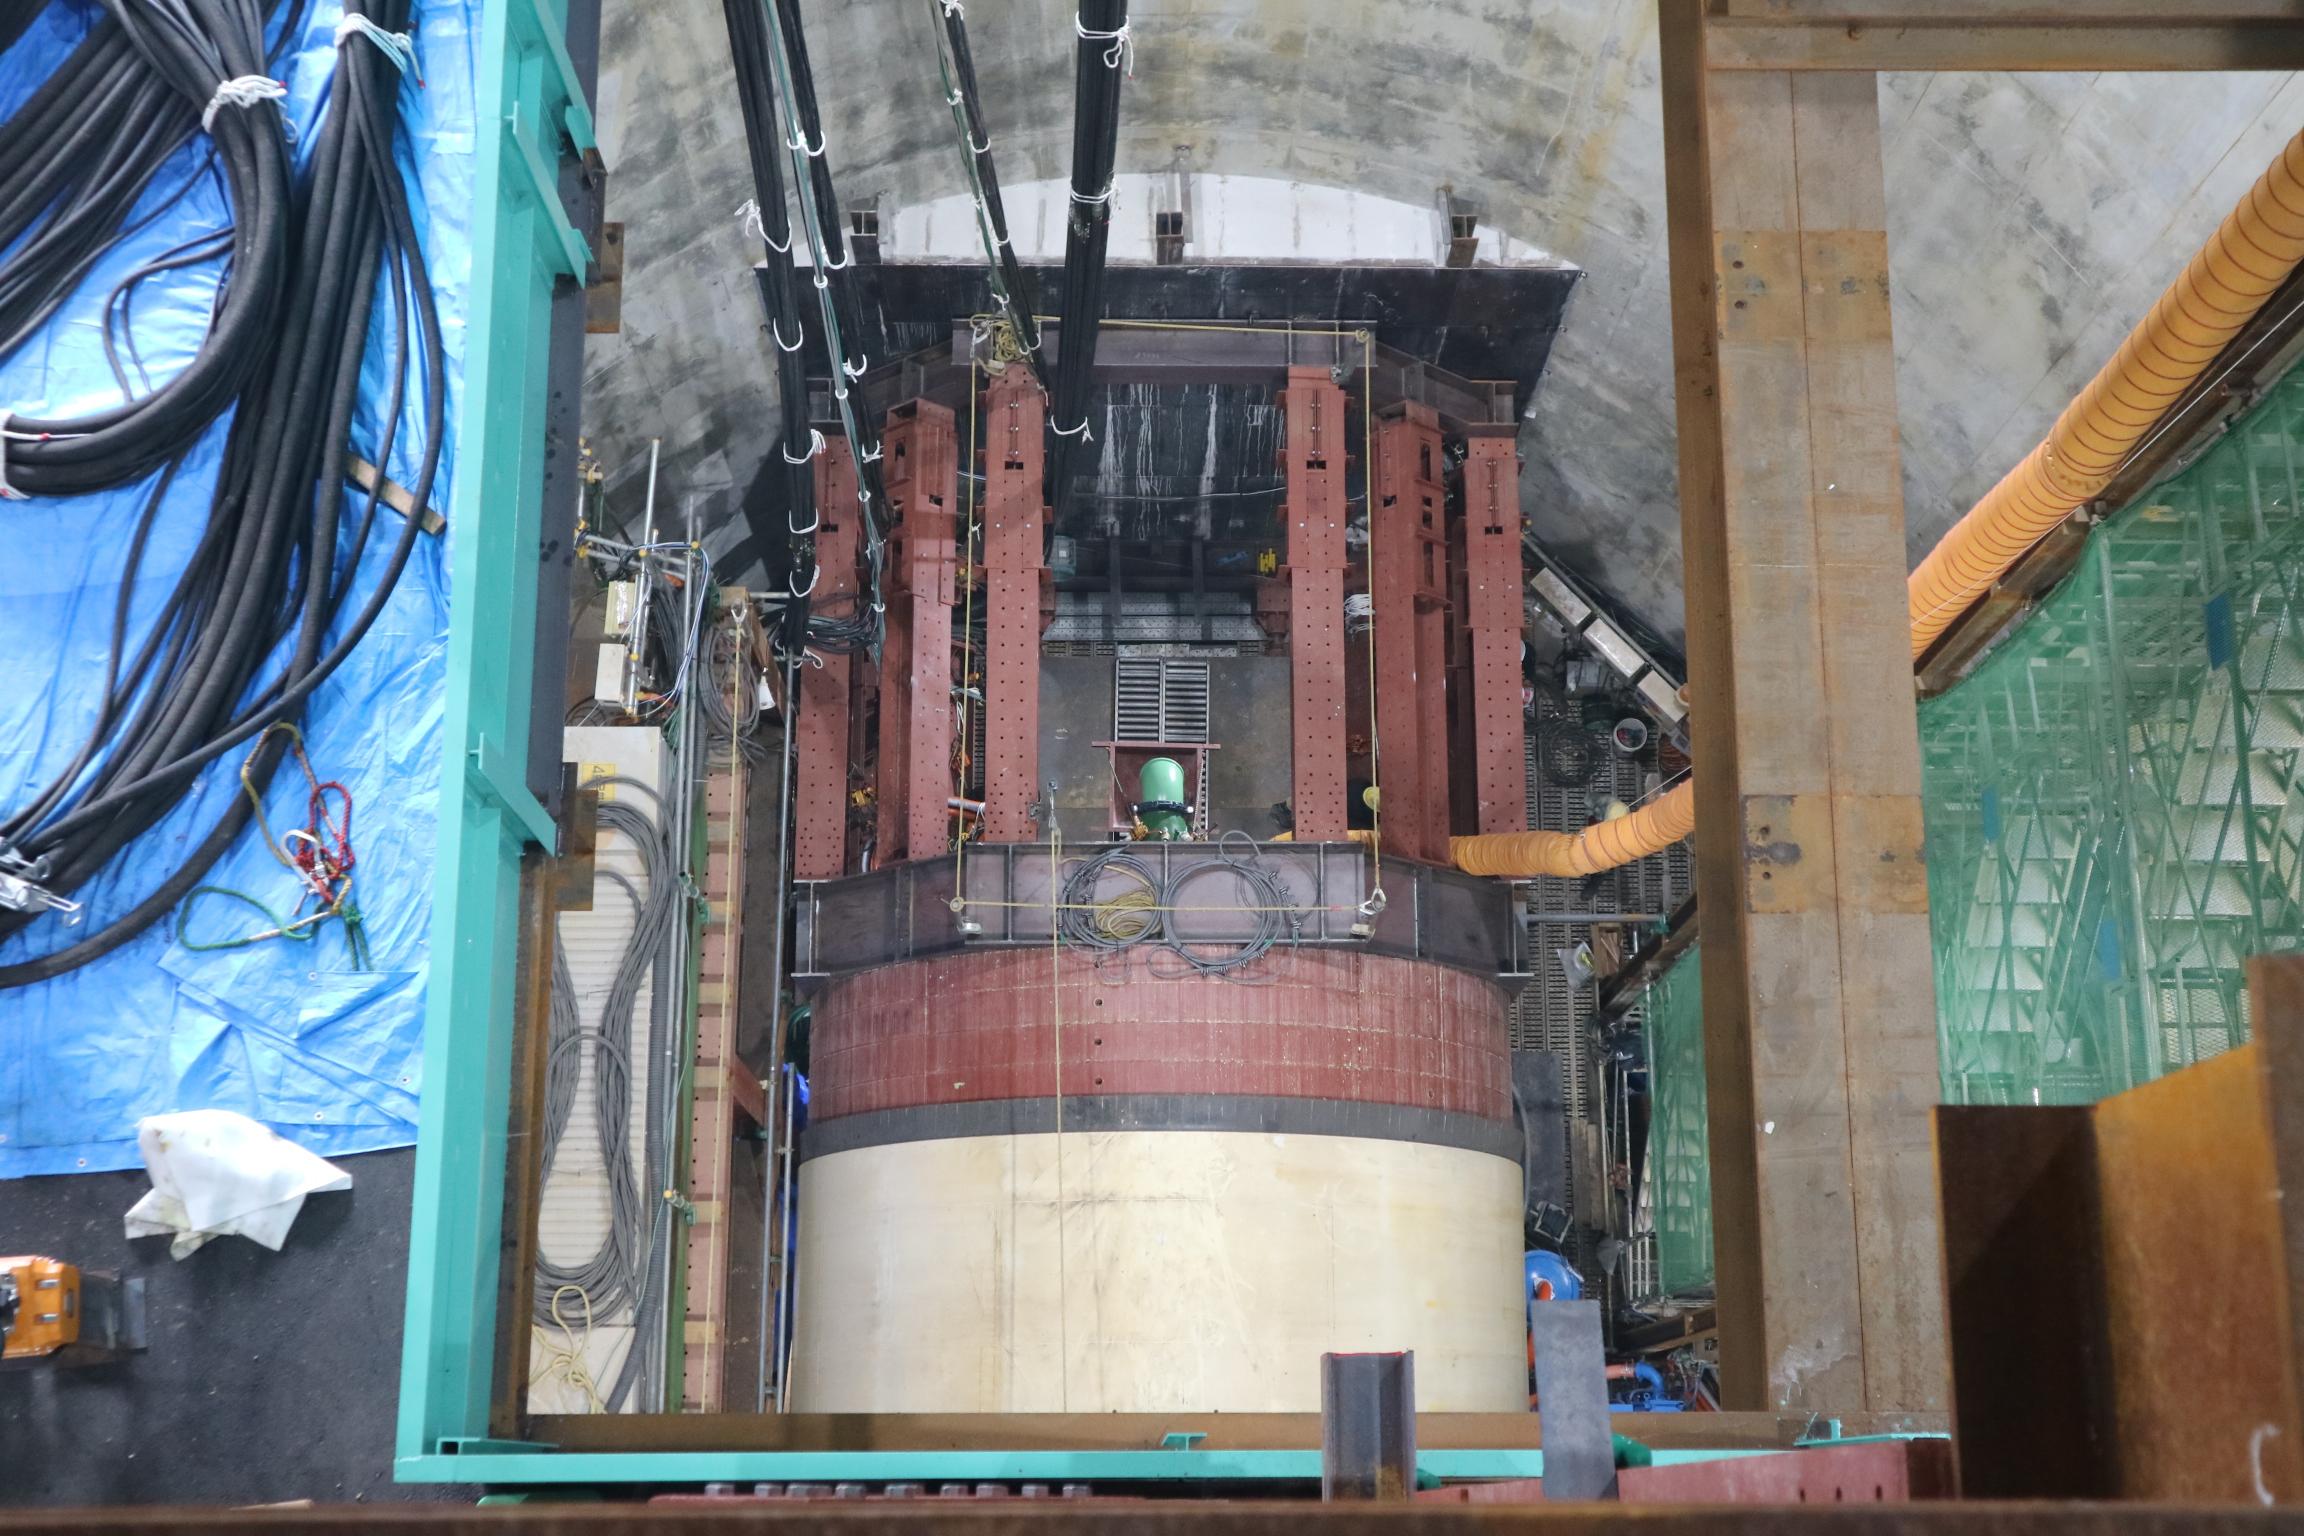 高尾川地下河川築造工事で発進したシールドマシン